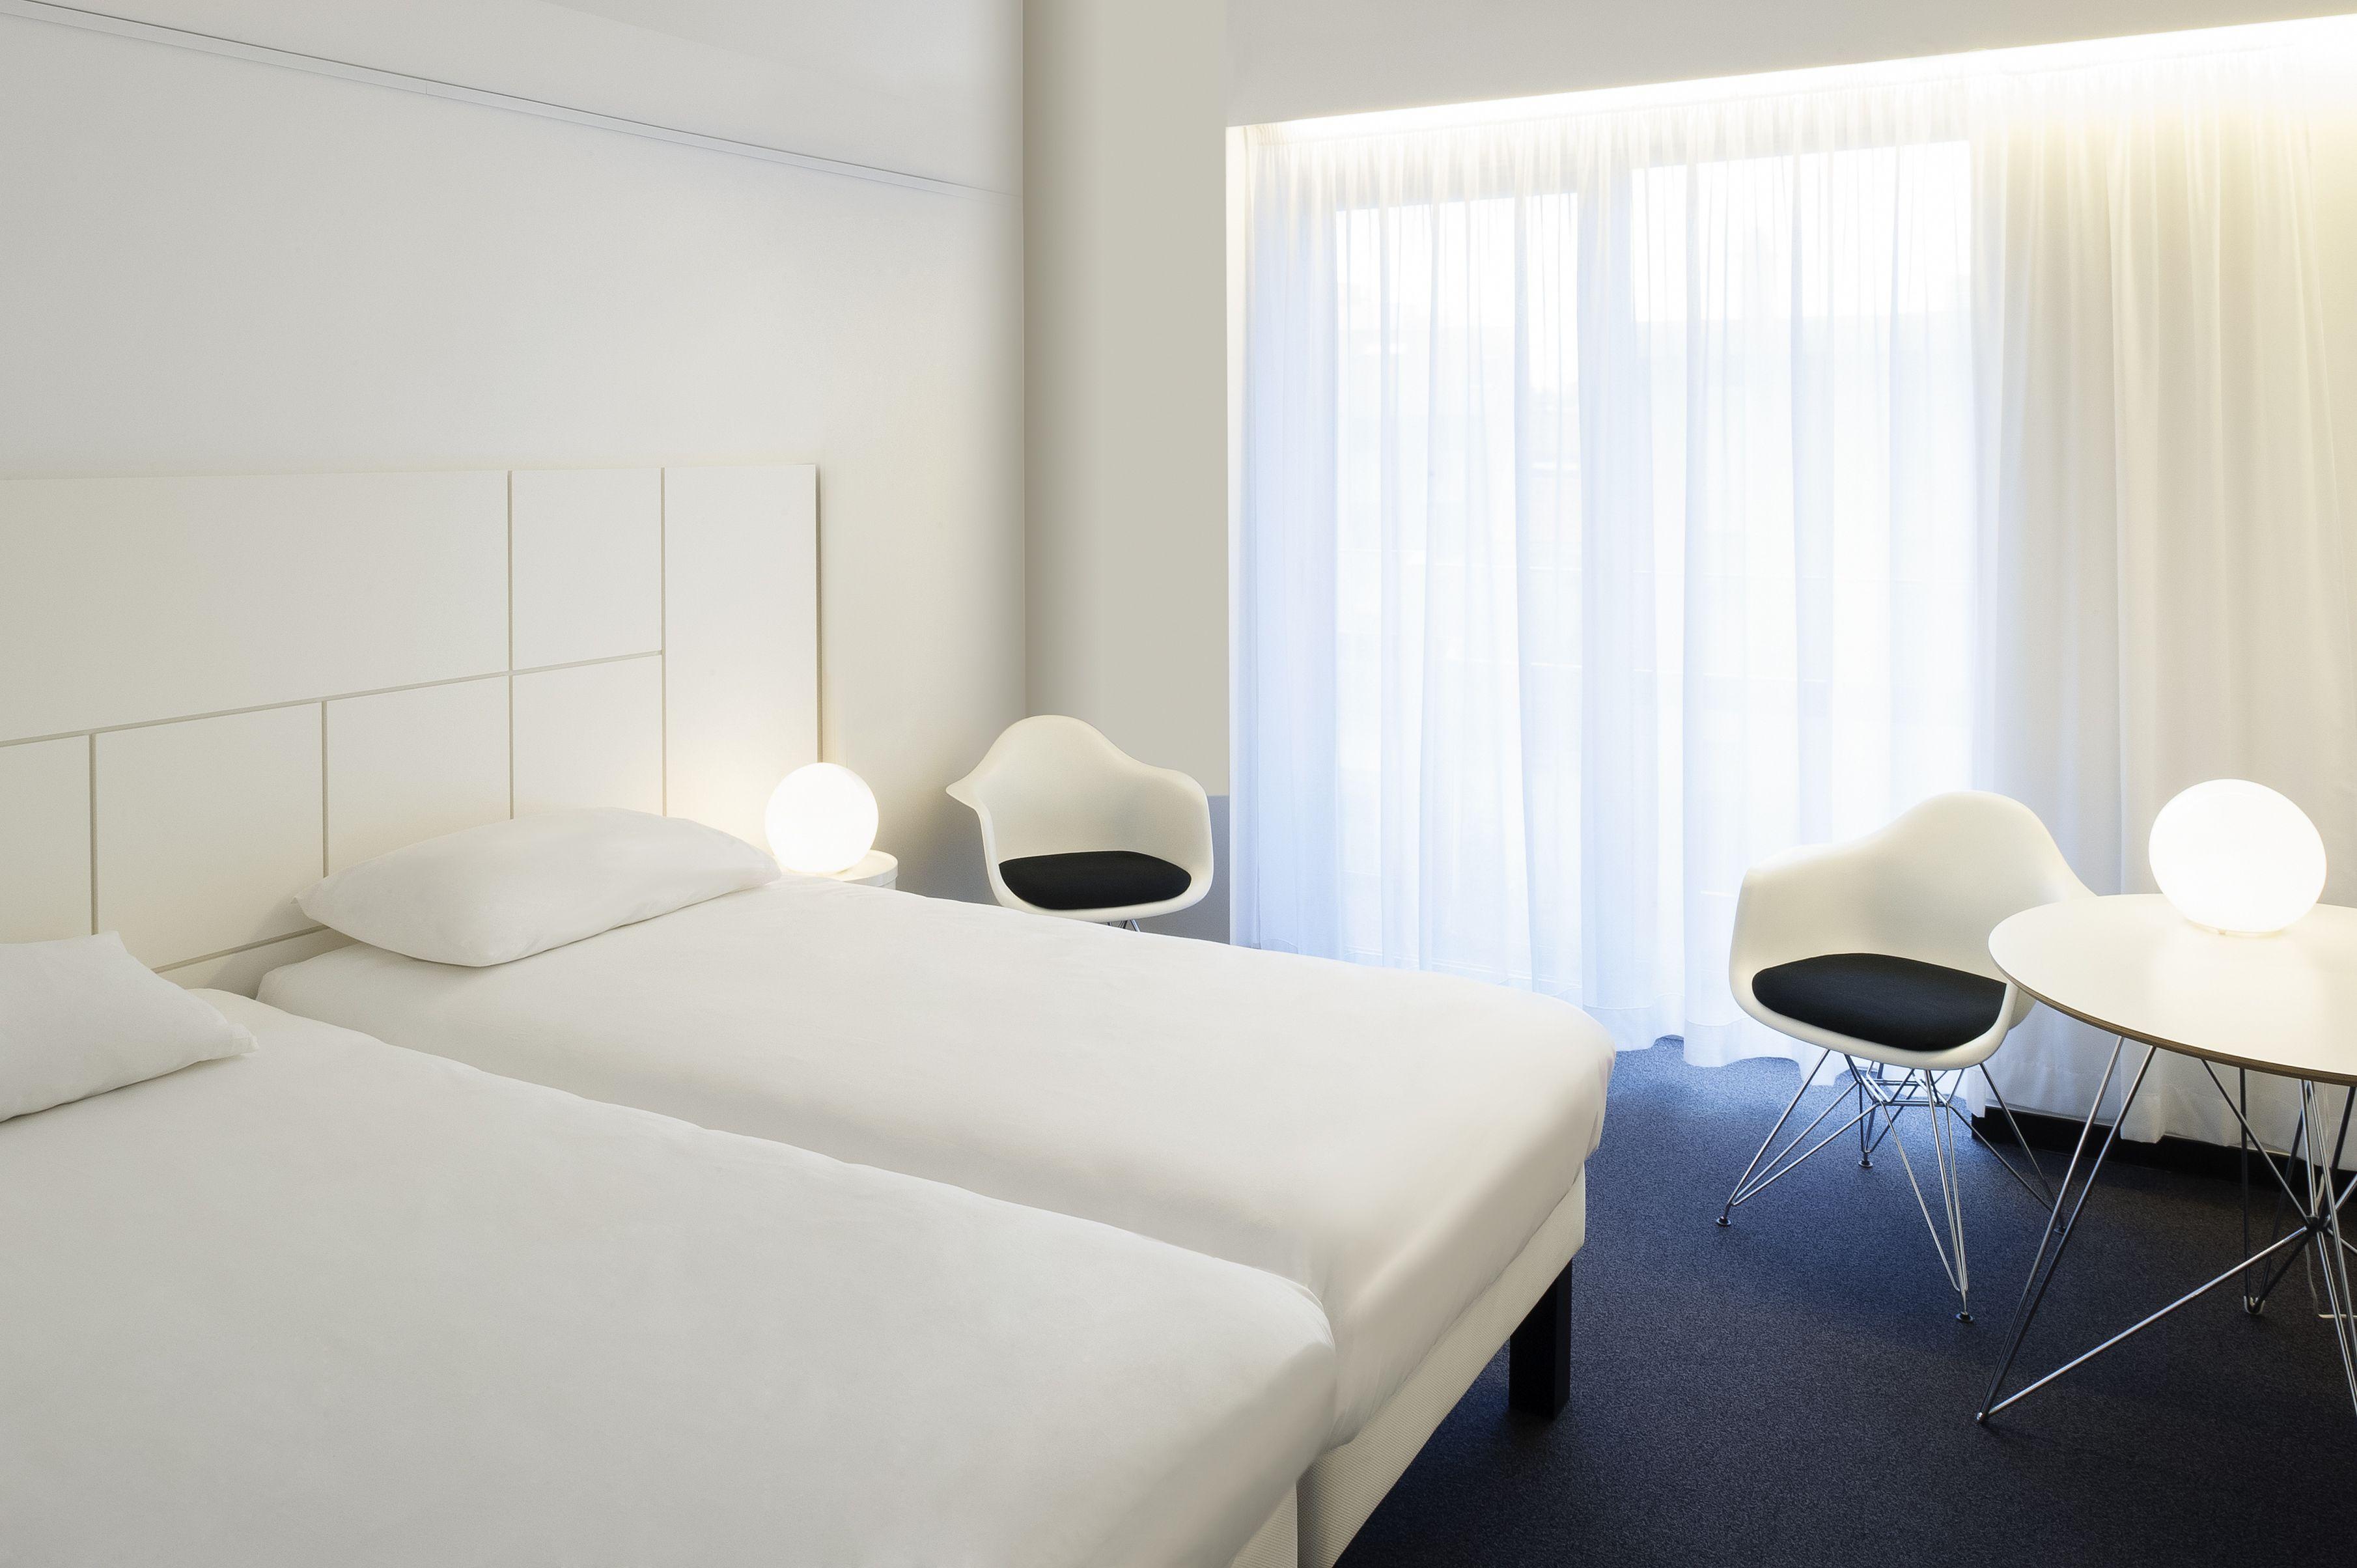 Chambre De L Hotel Ibis Styles De Bruxelles Brussels Http Www Hotel Ibisstyles Bruxelles Com Reservation Html Hotel Design Chambre Hotel